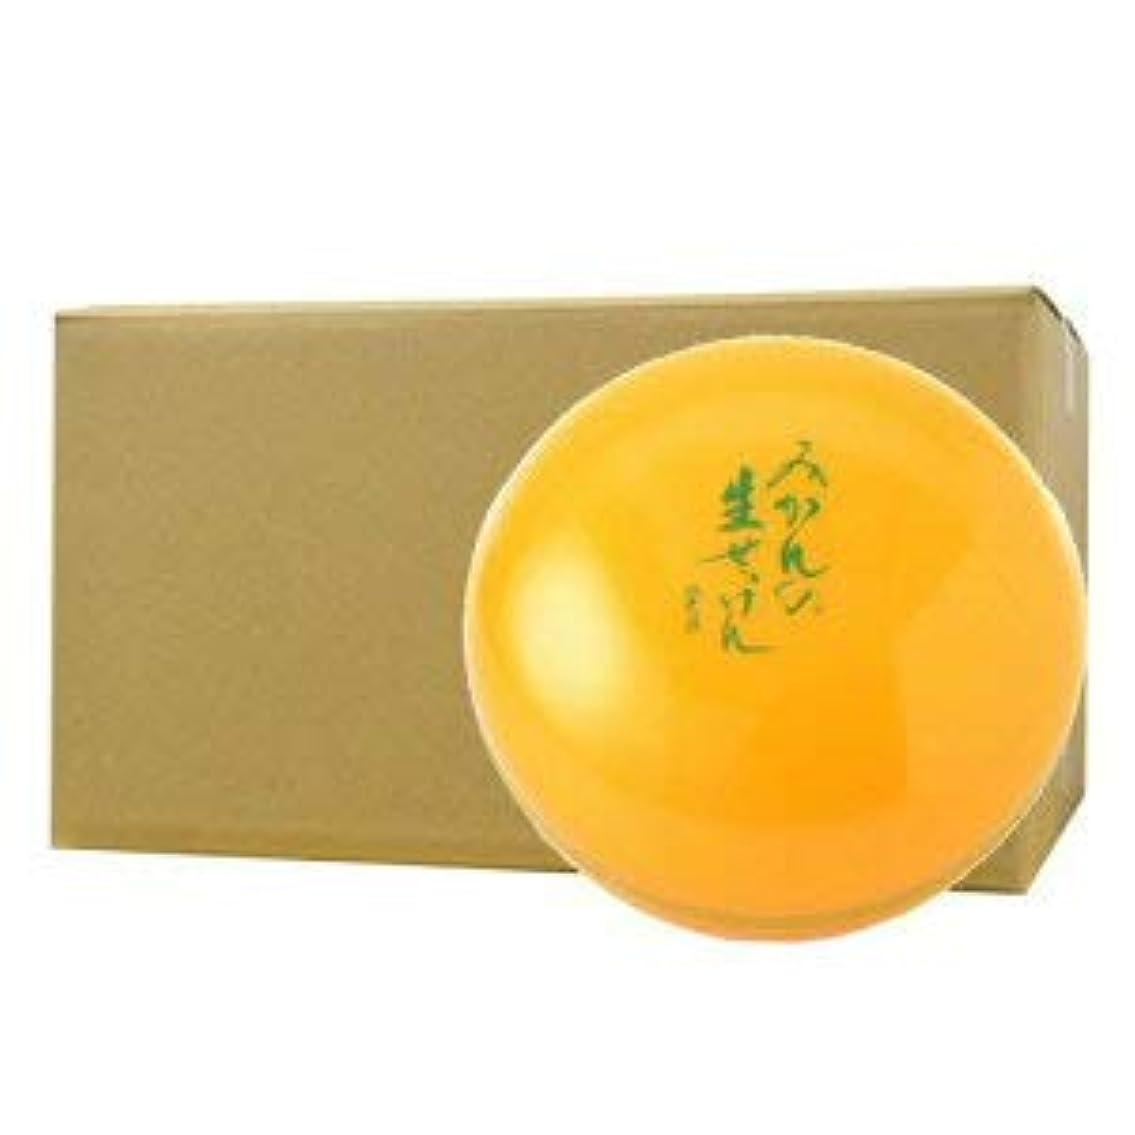 評価可能仕出します重くするUYEKI美香柑みかんの生せっけん50g×72個ケース